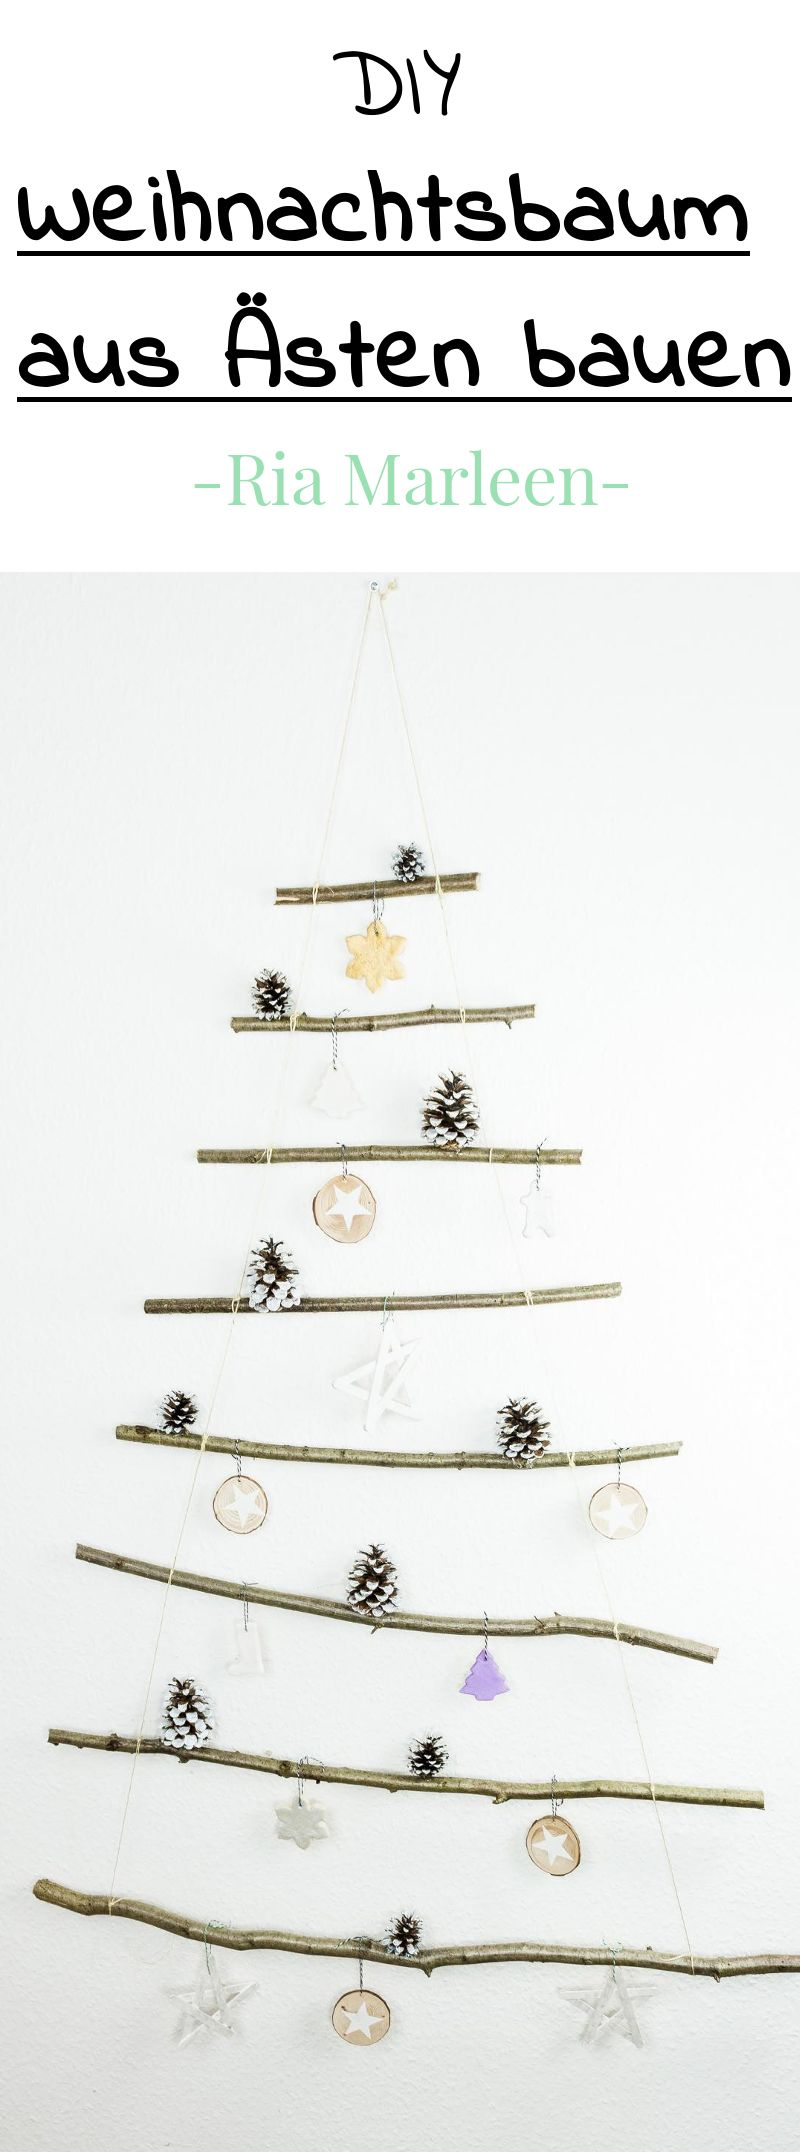 DIY Weihnachtsbaum aus Ästen basteln - einfach und günstig #weihnachtenbastelnmitkindern